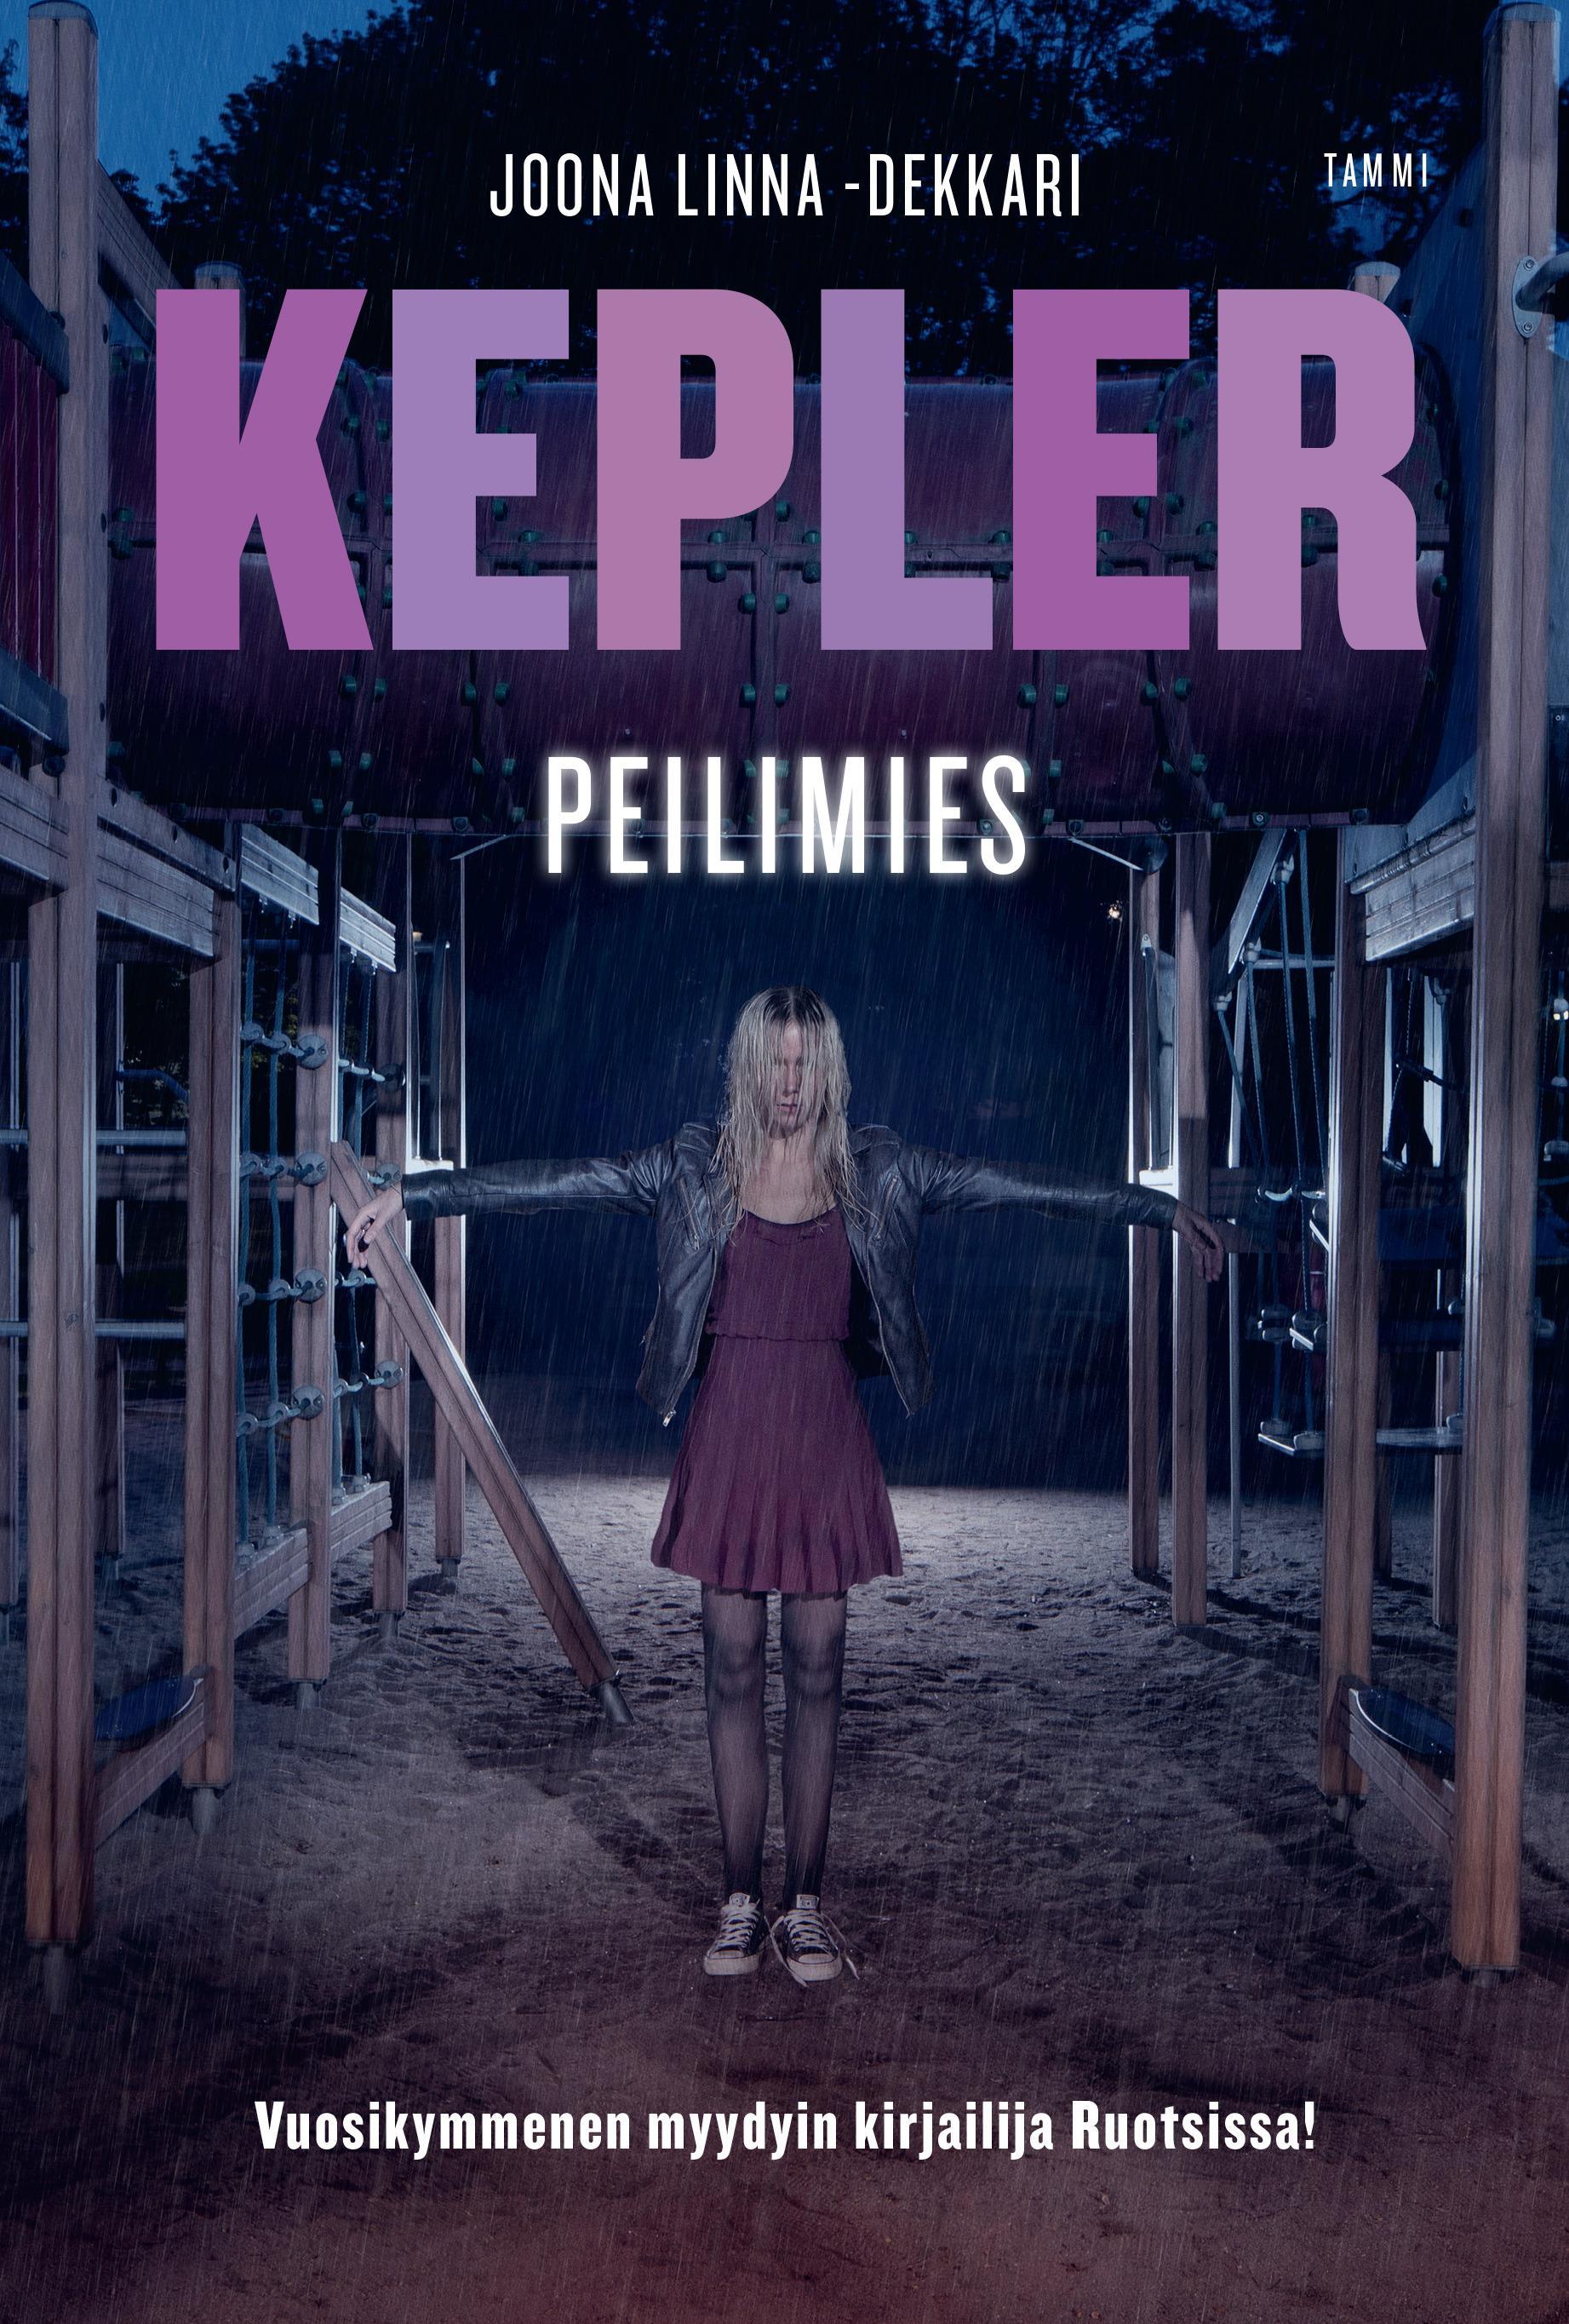 Lars Kepler: Peilimies